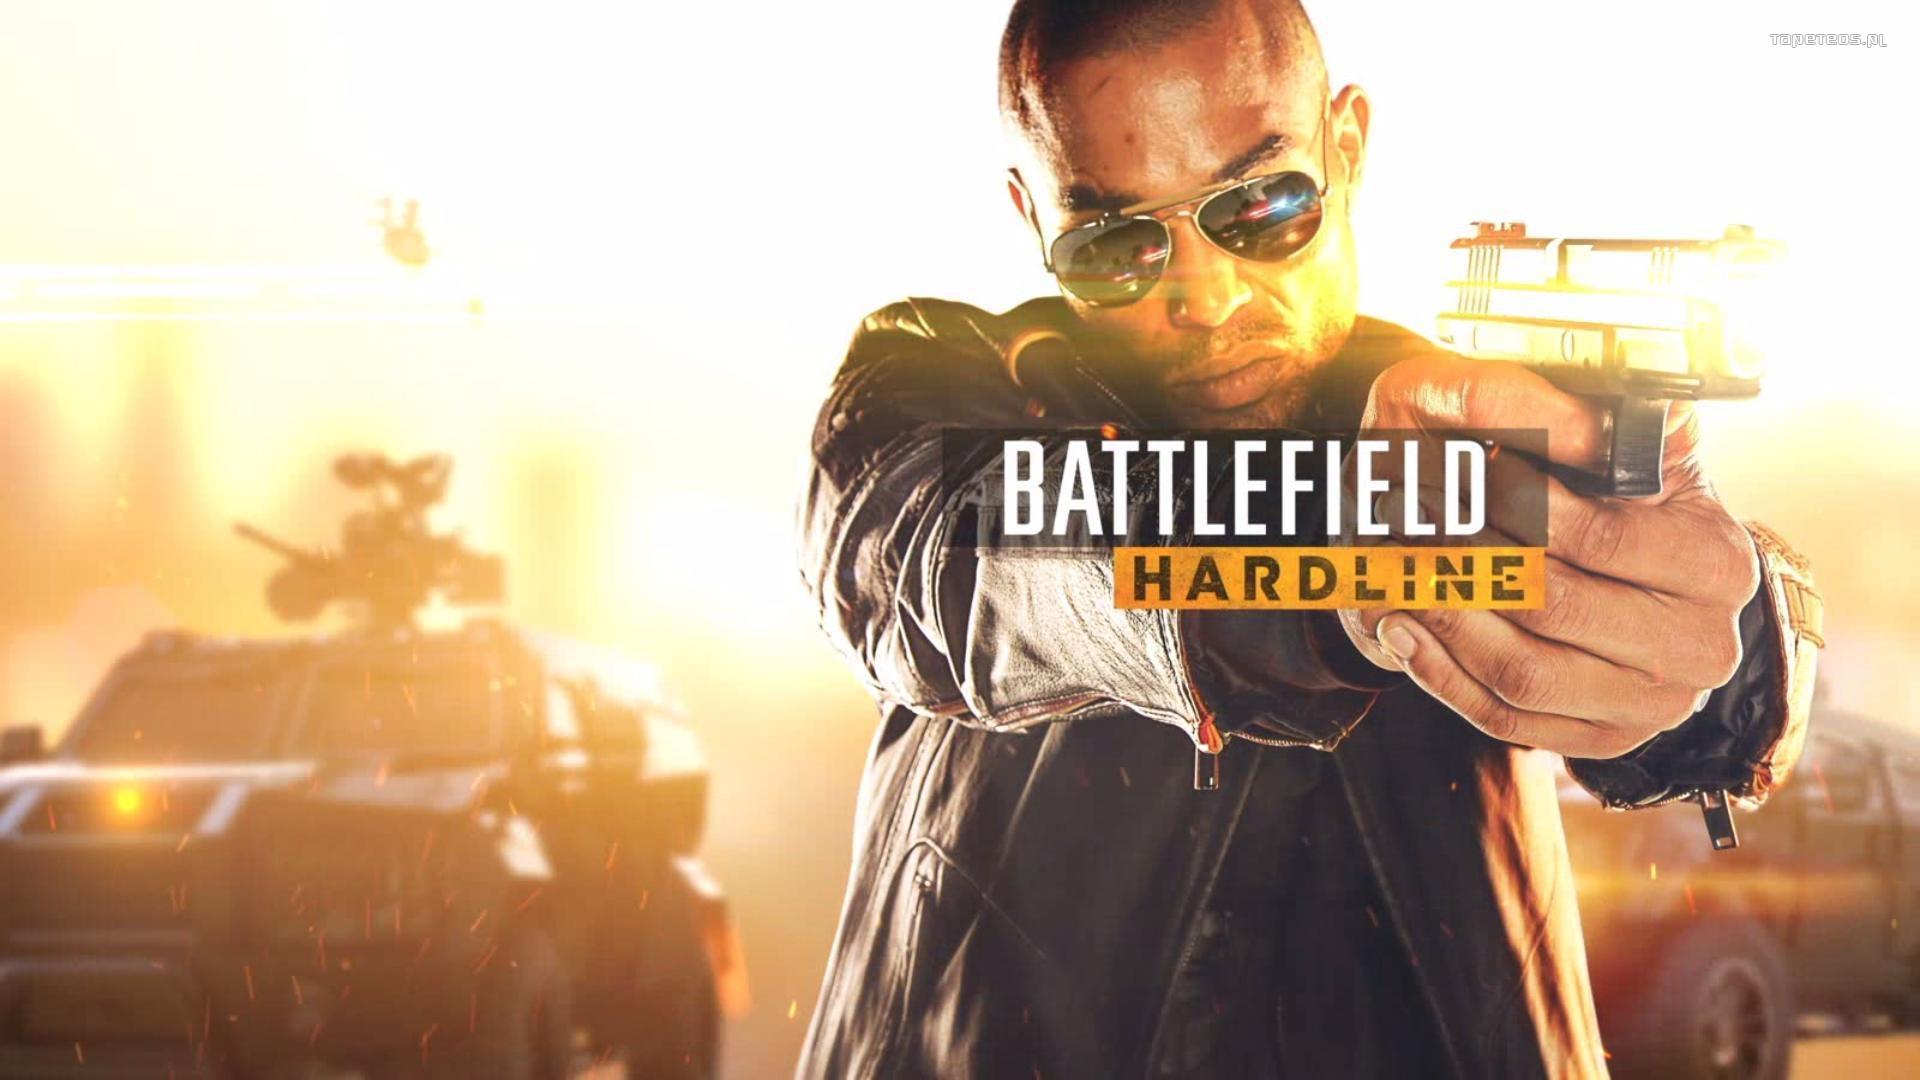 Battlefield hardline скачать